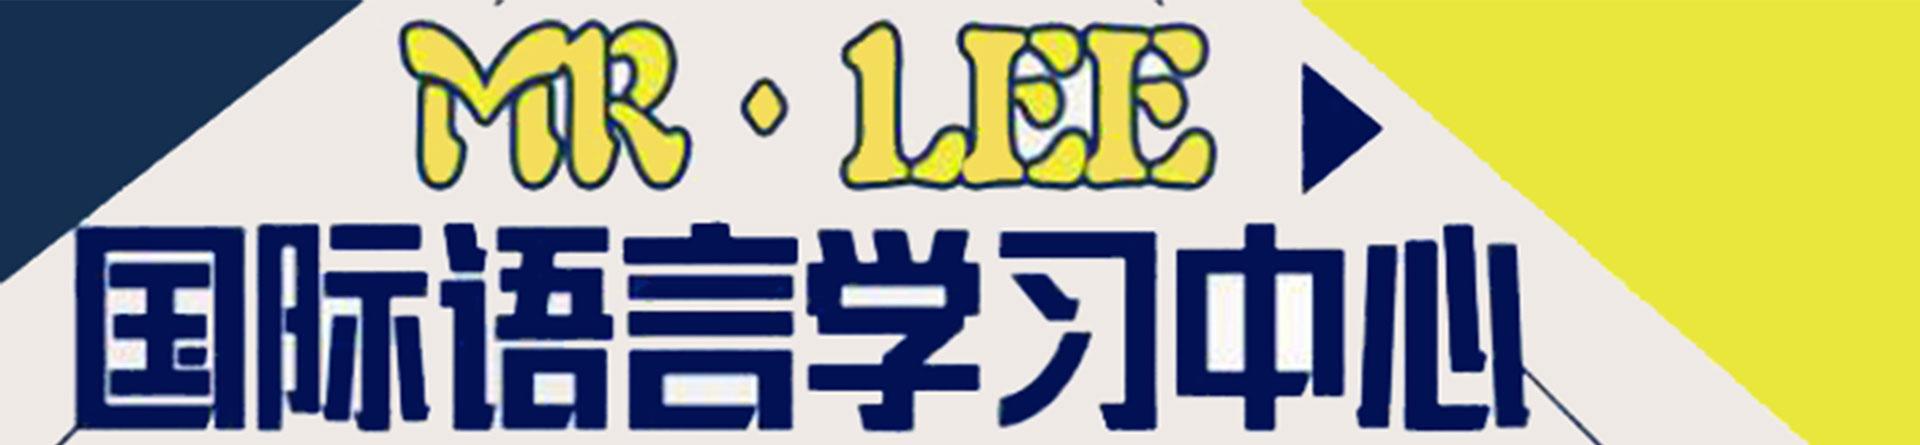 郑州Mr.Lee语言培训